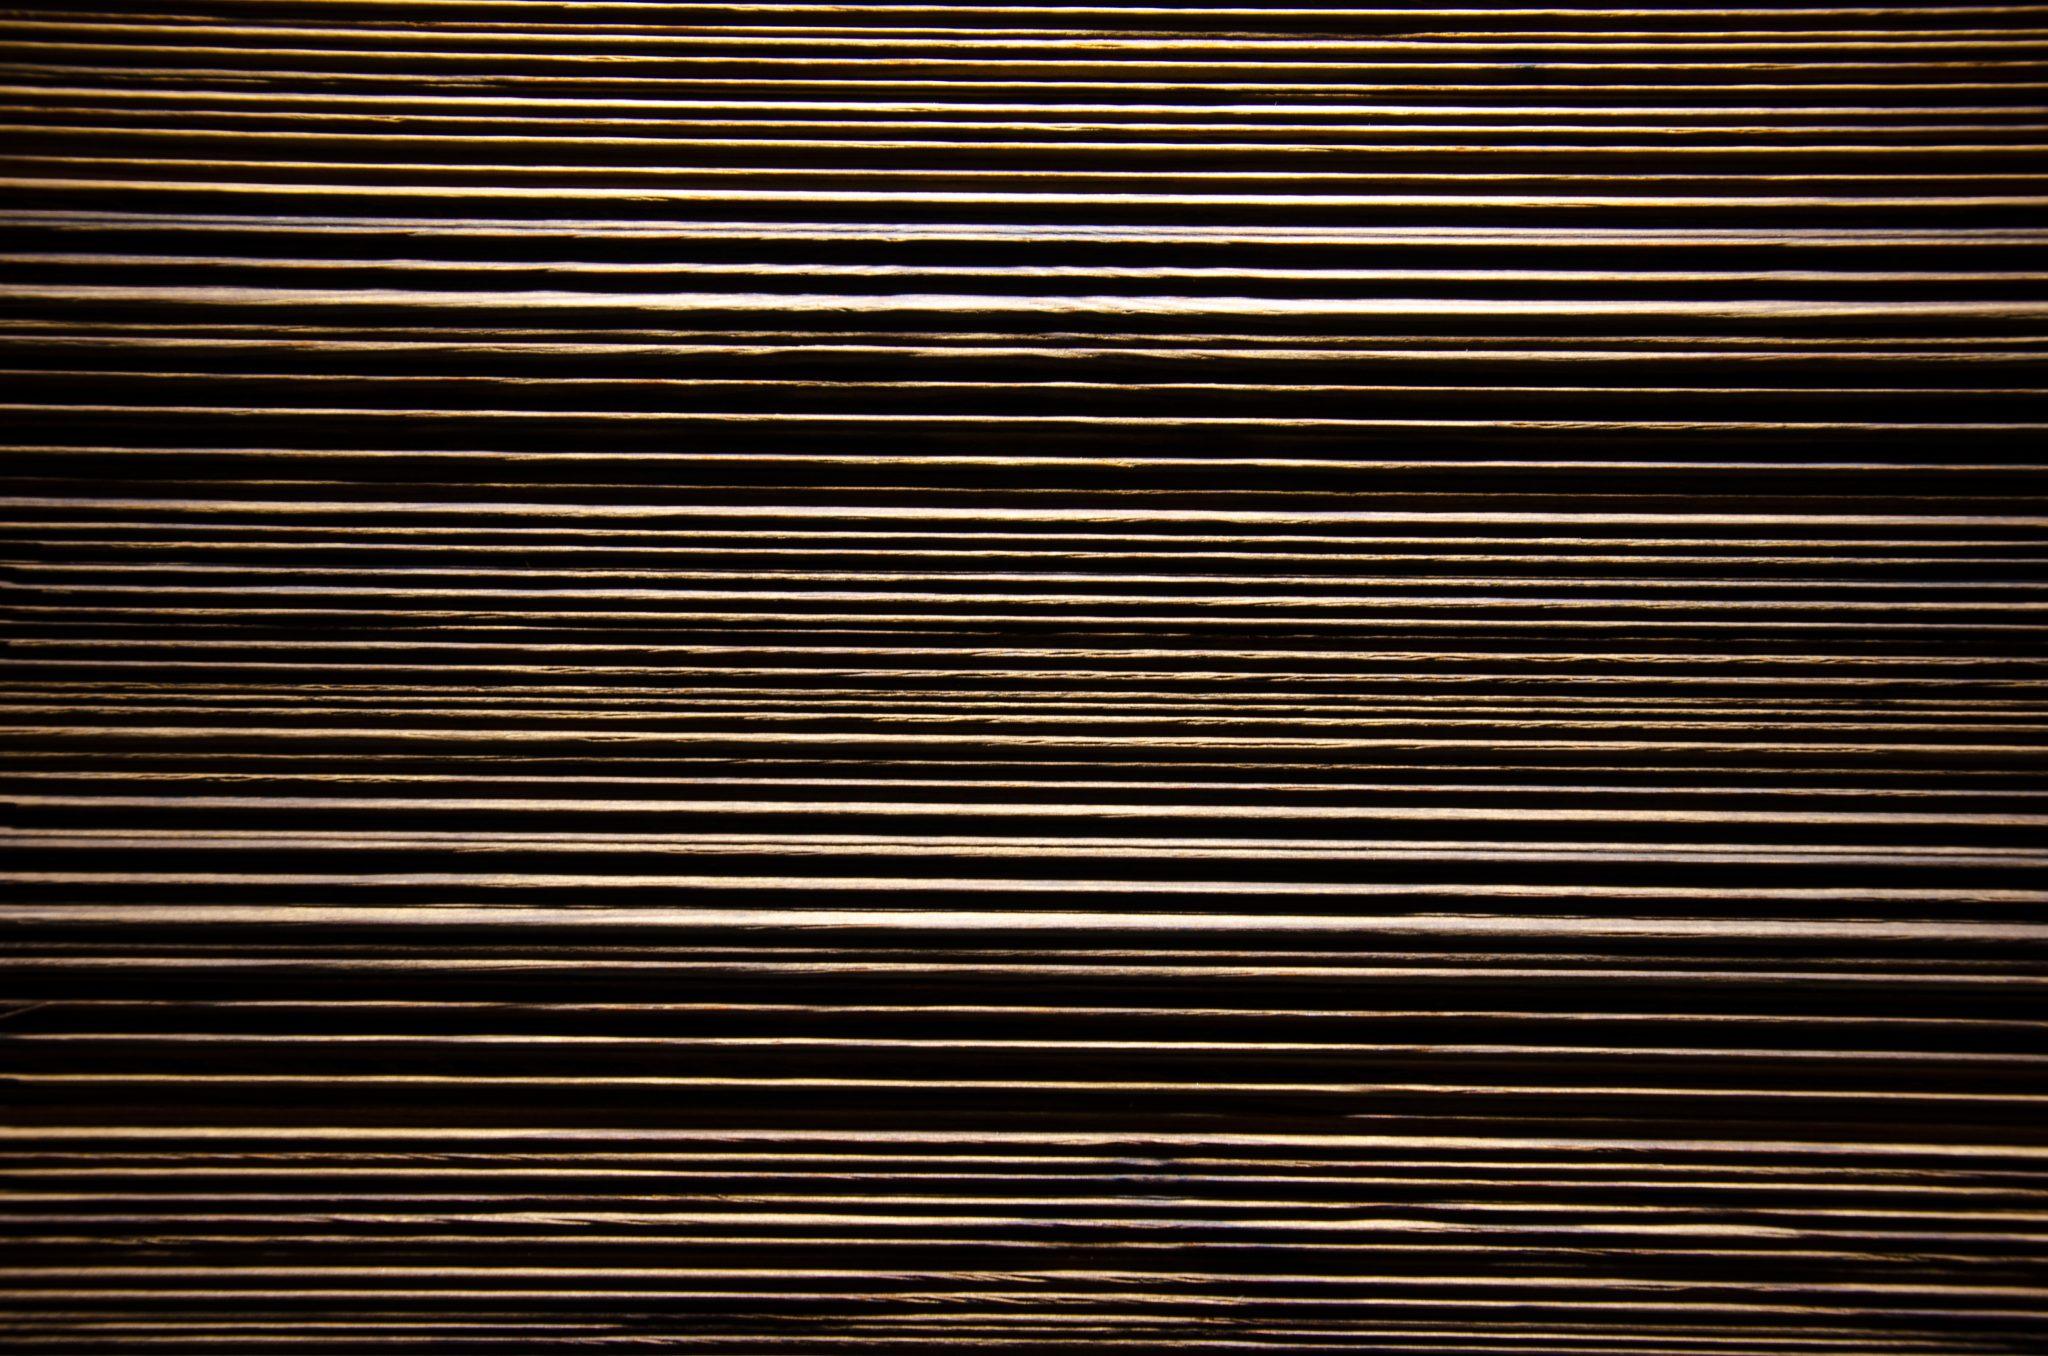 2567 - DEEP GROOVE II - Larch smoked - Real wood veneer